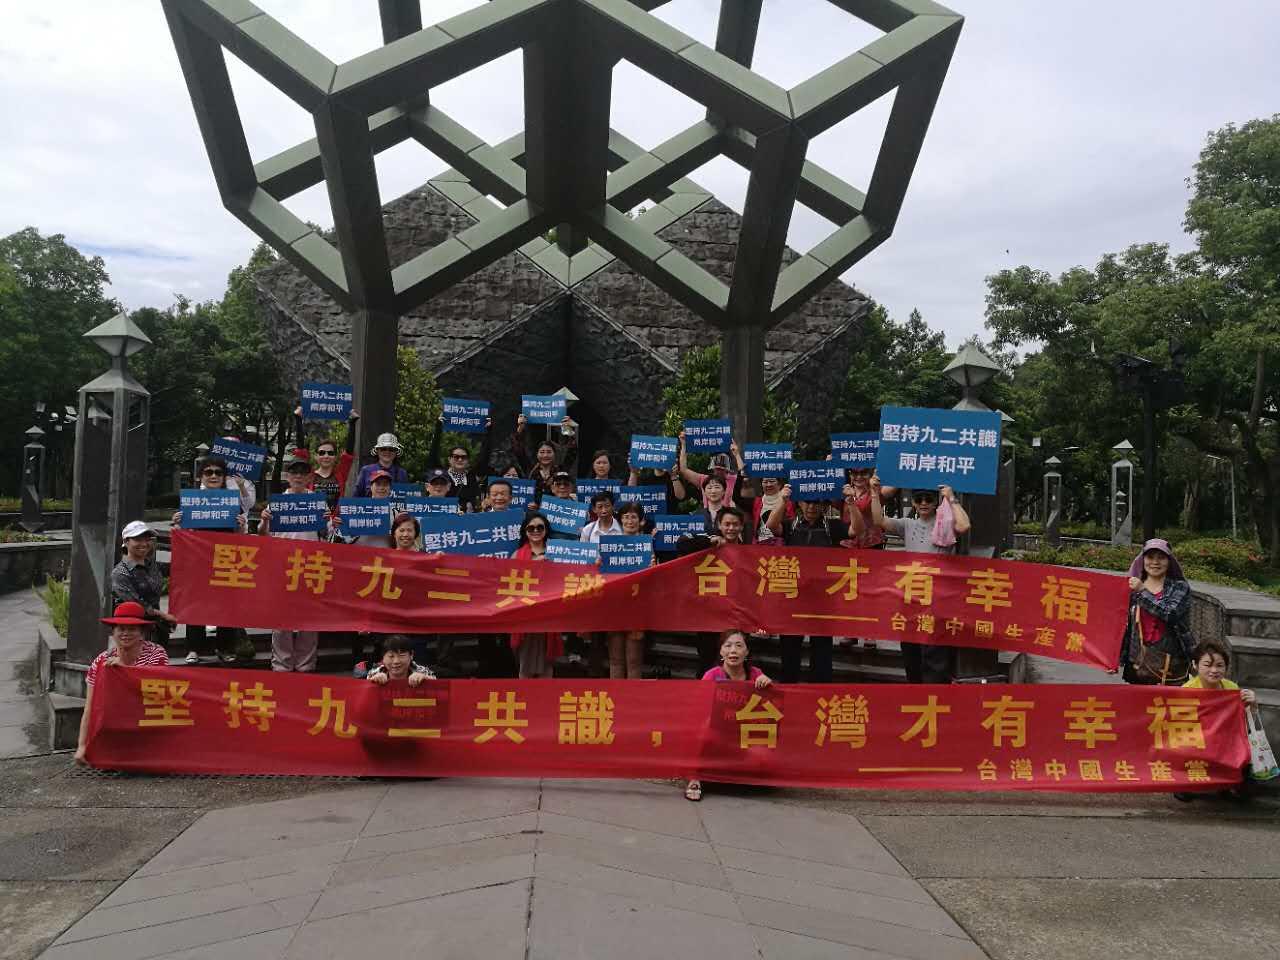 「九二共識 兩岸和平」中國生產黨表示勢在必行